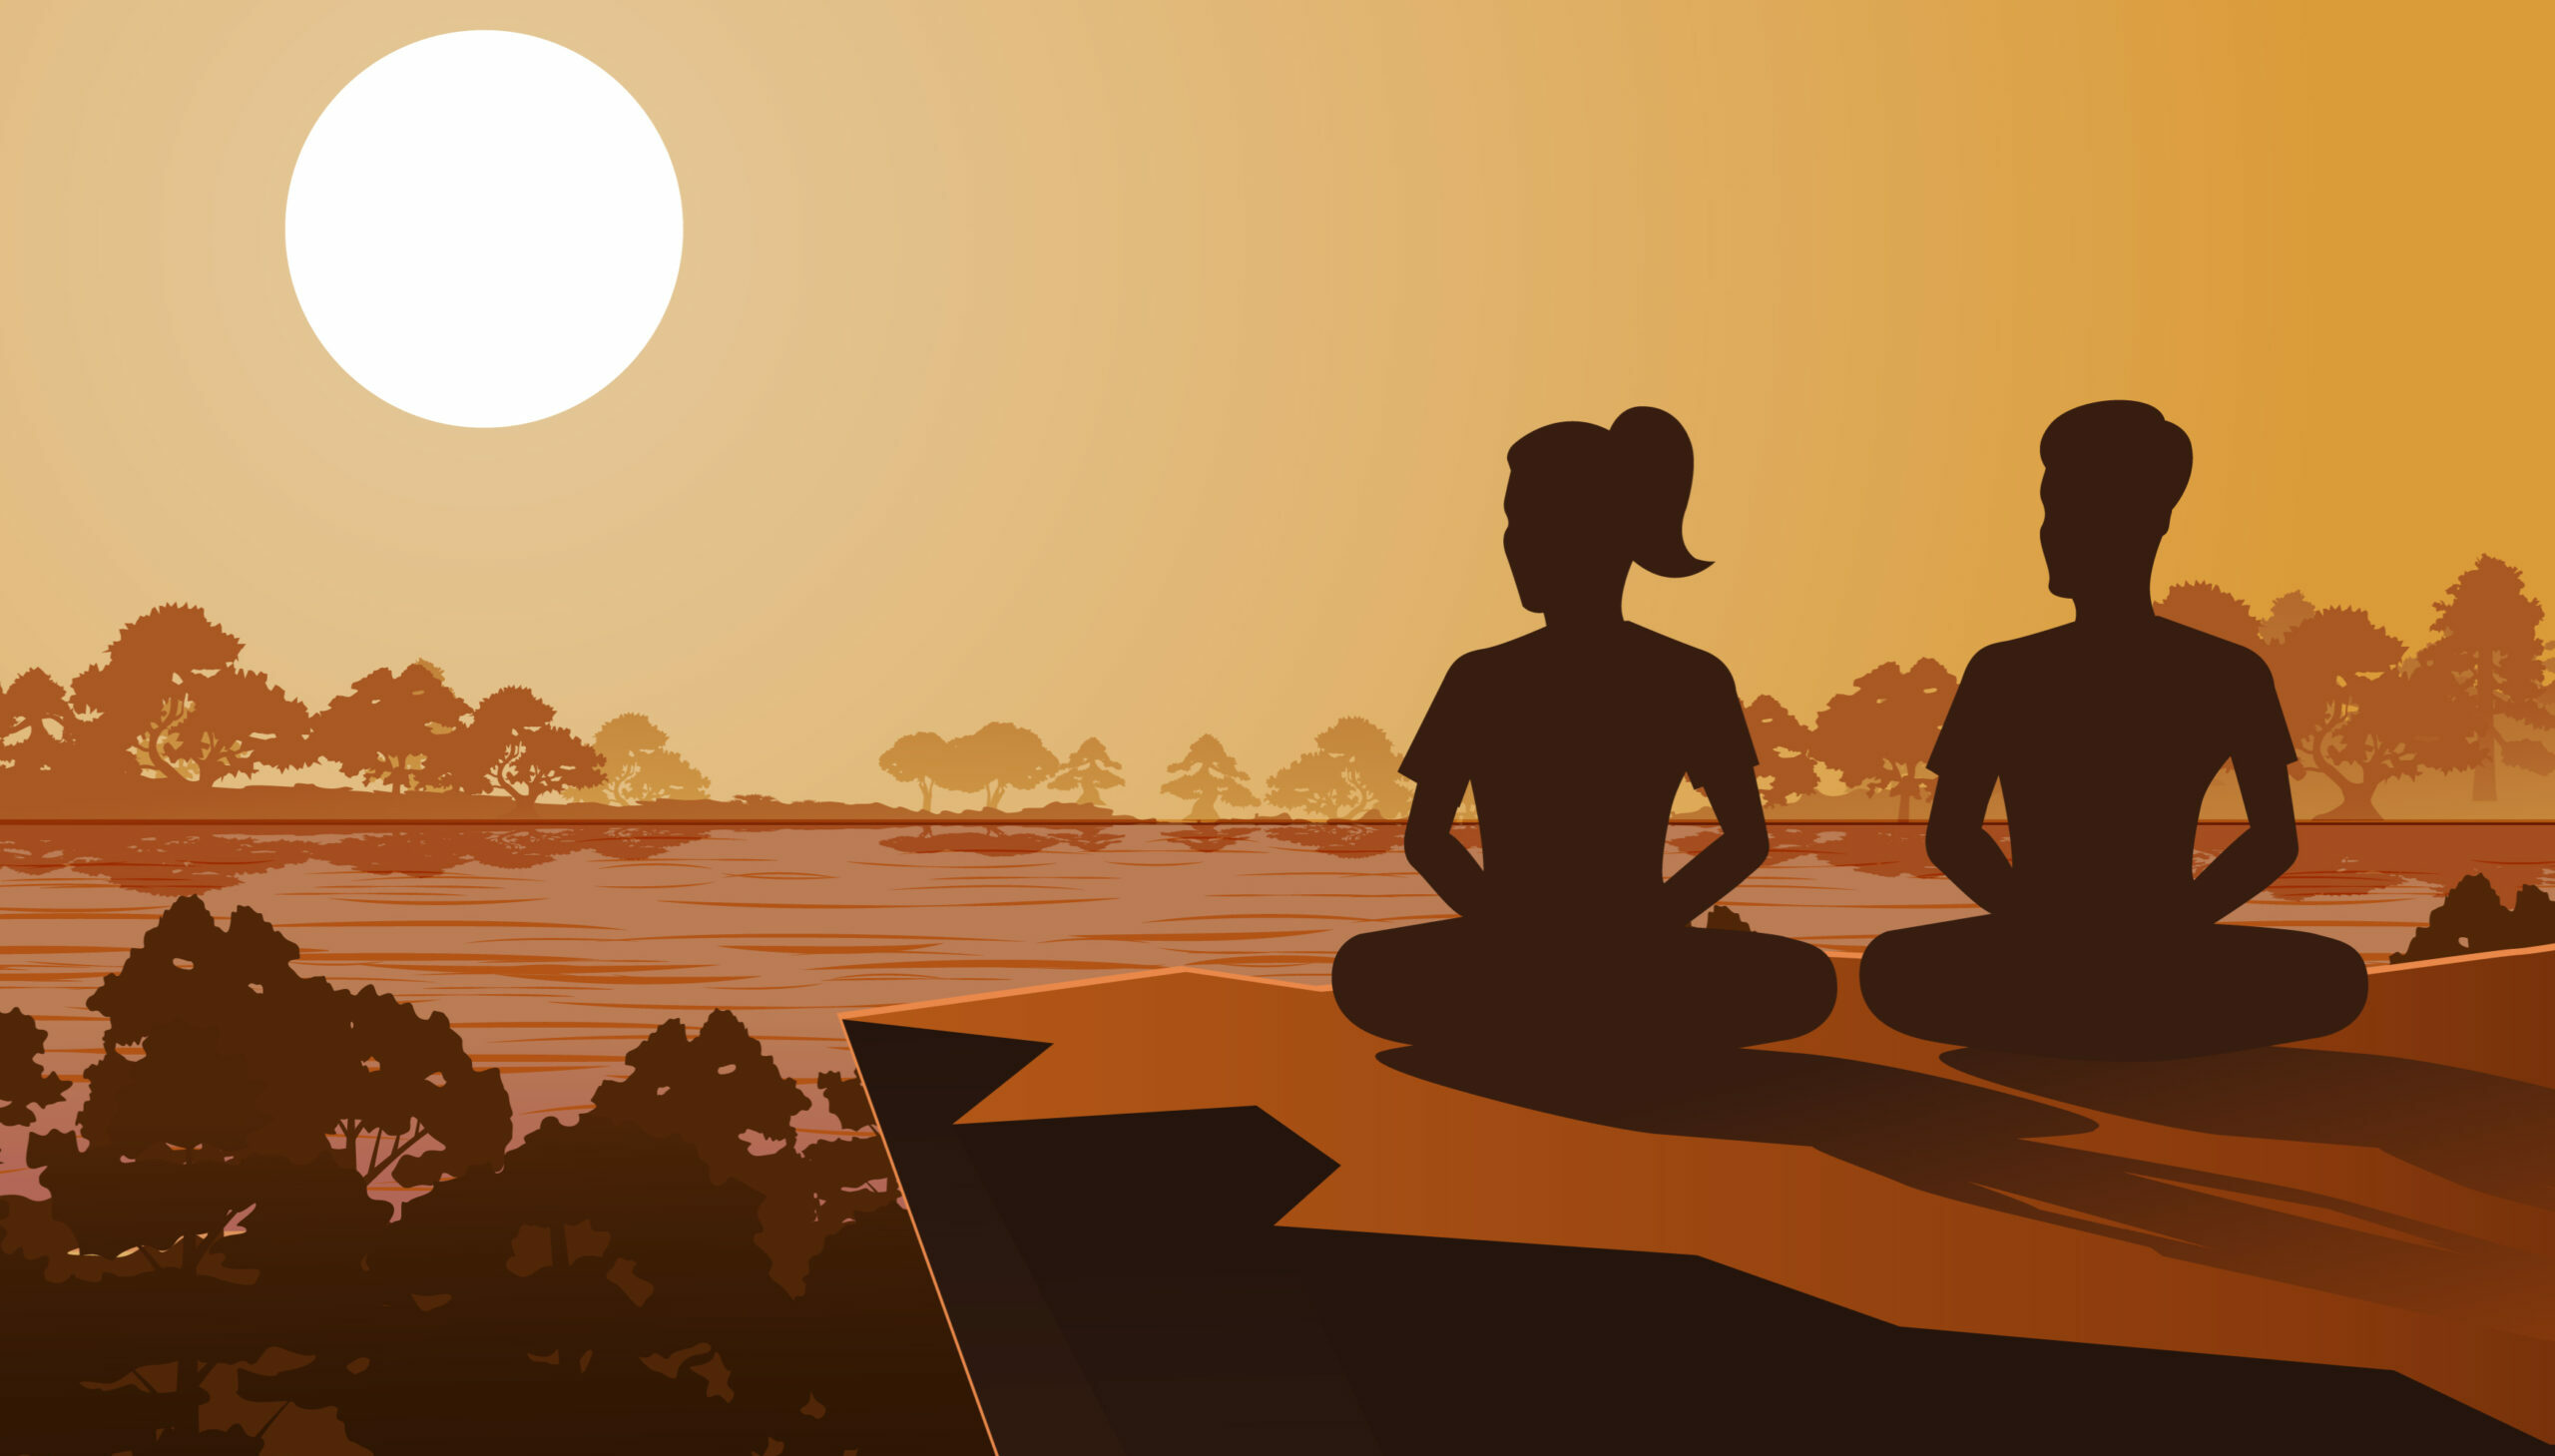 Arte do contentamento. Duas pessoas a meditarem ao fim do dia.